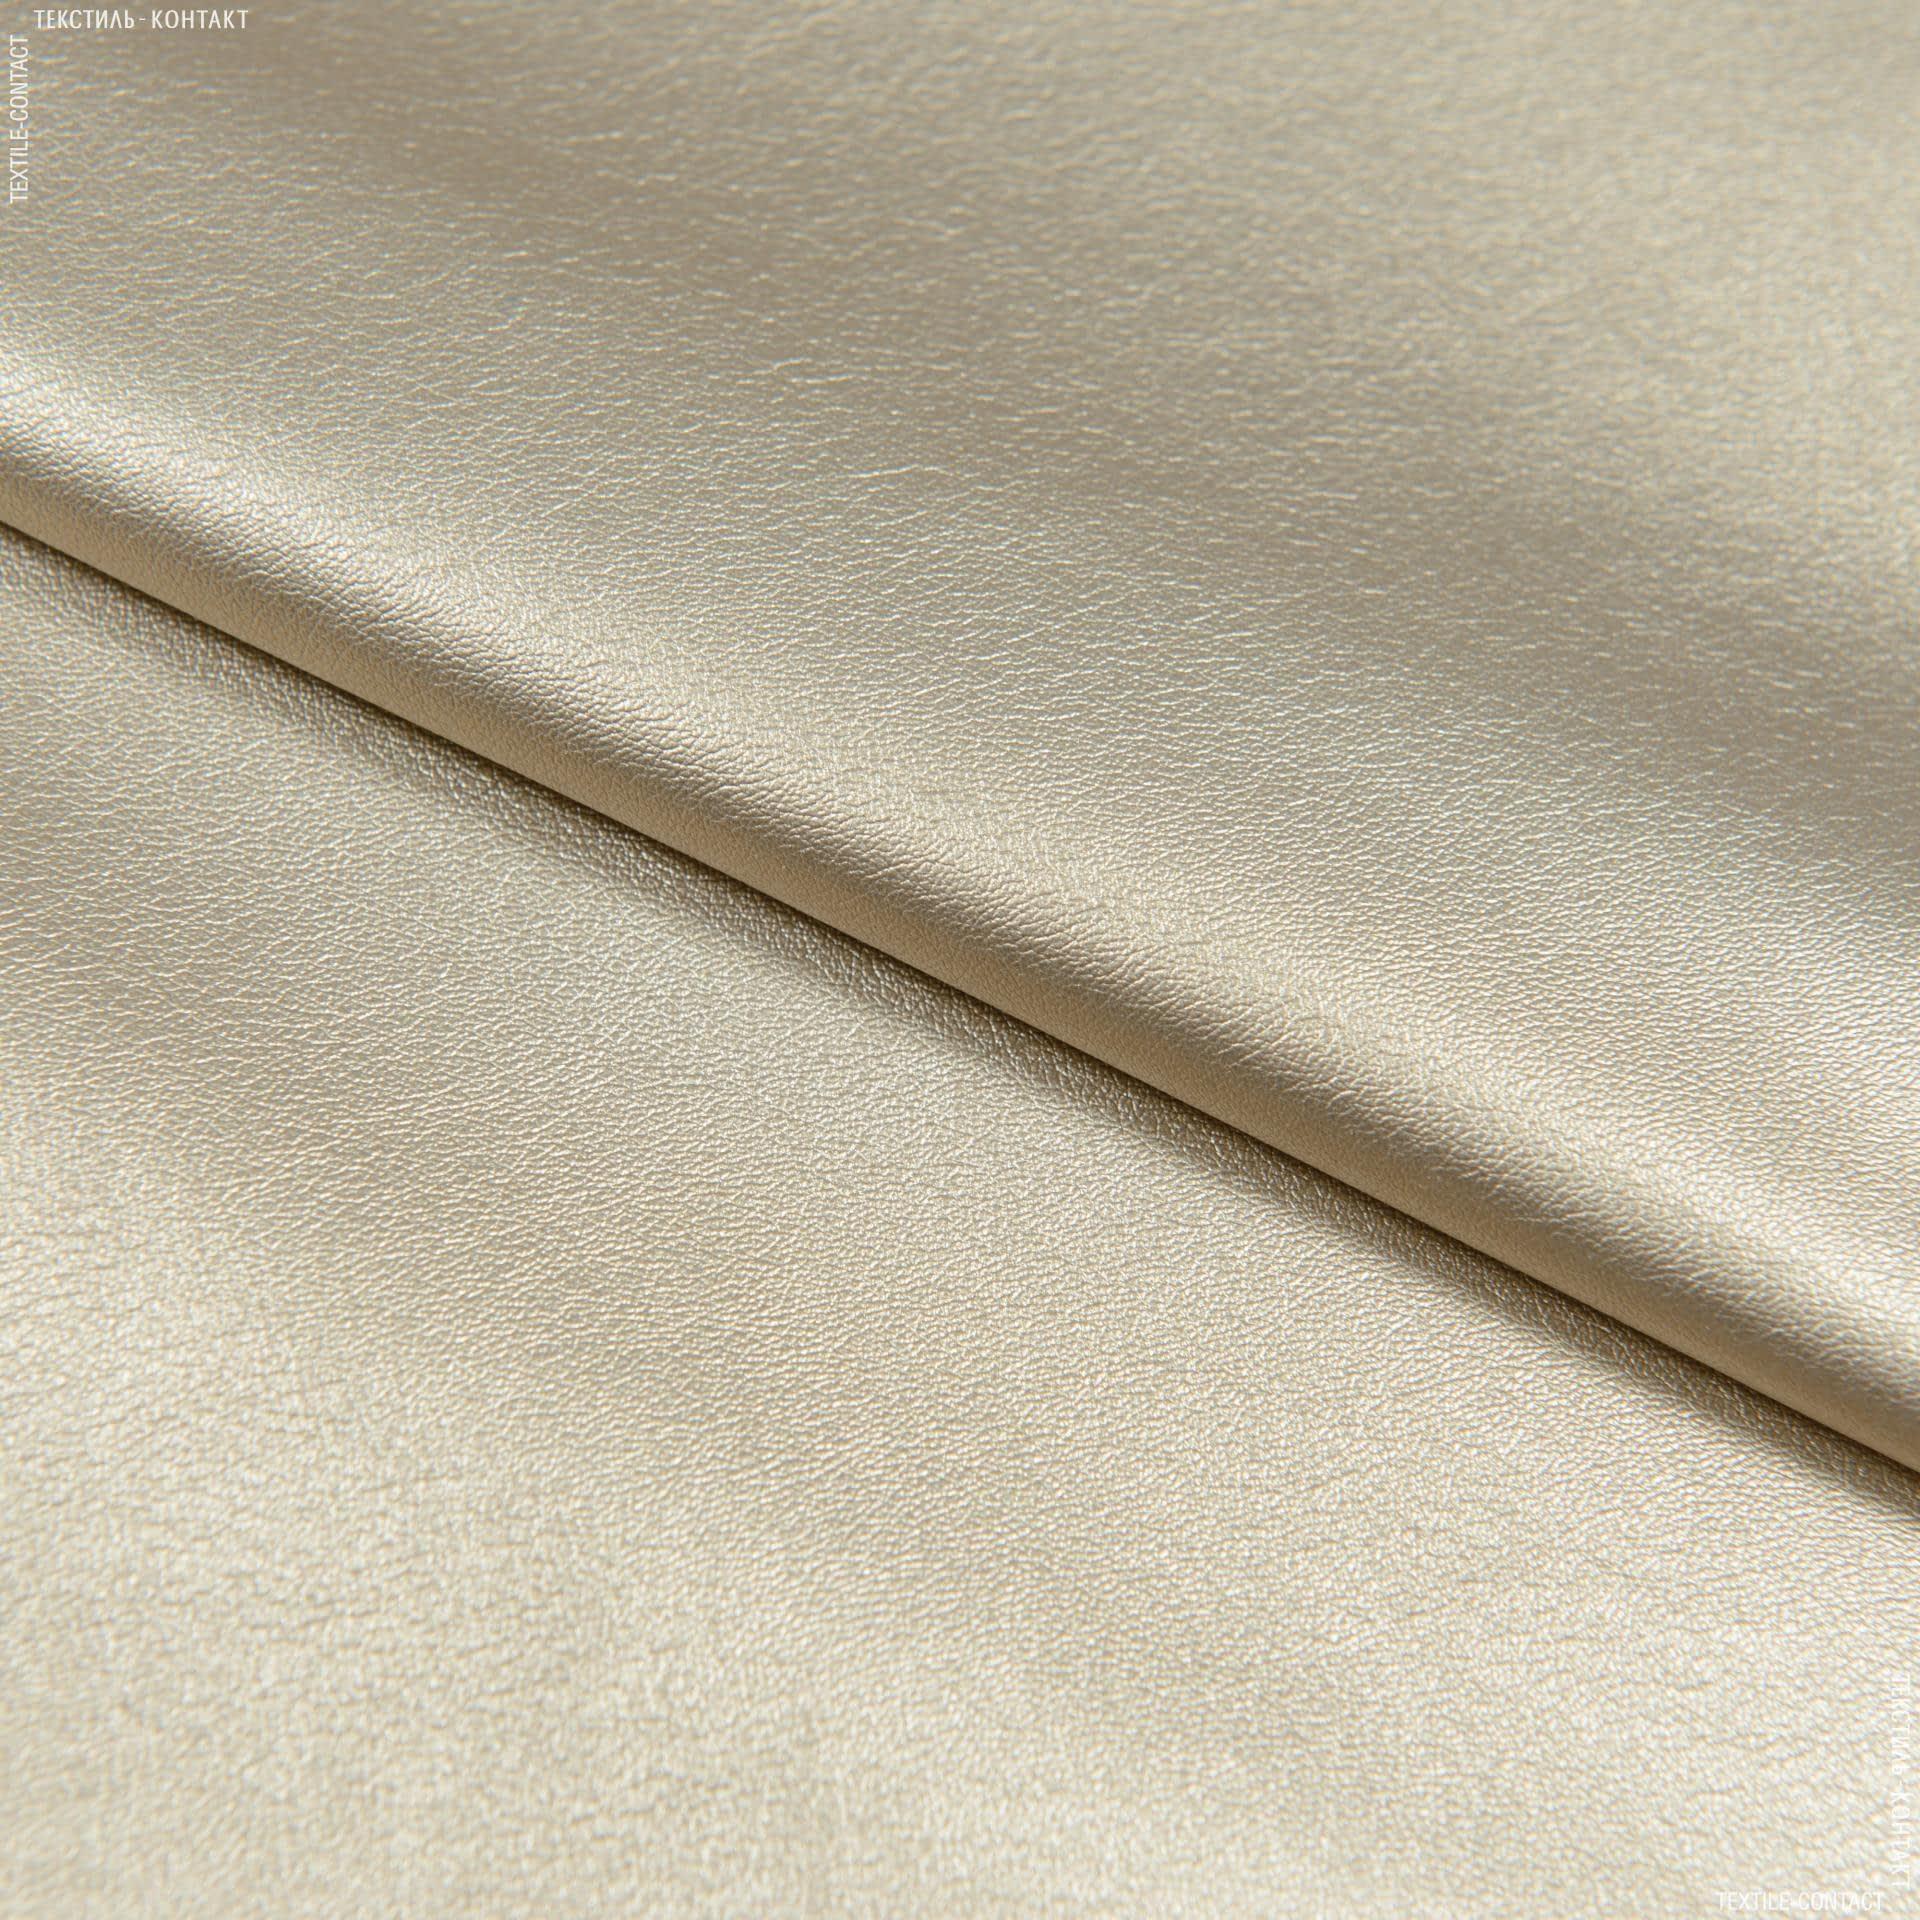 Тканини шкіра штучна - Шкіра штучна бронзовий